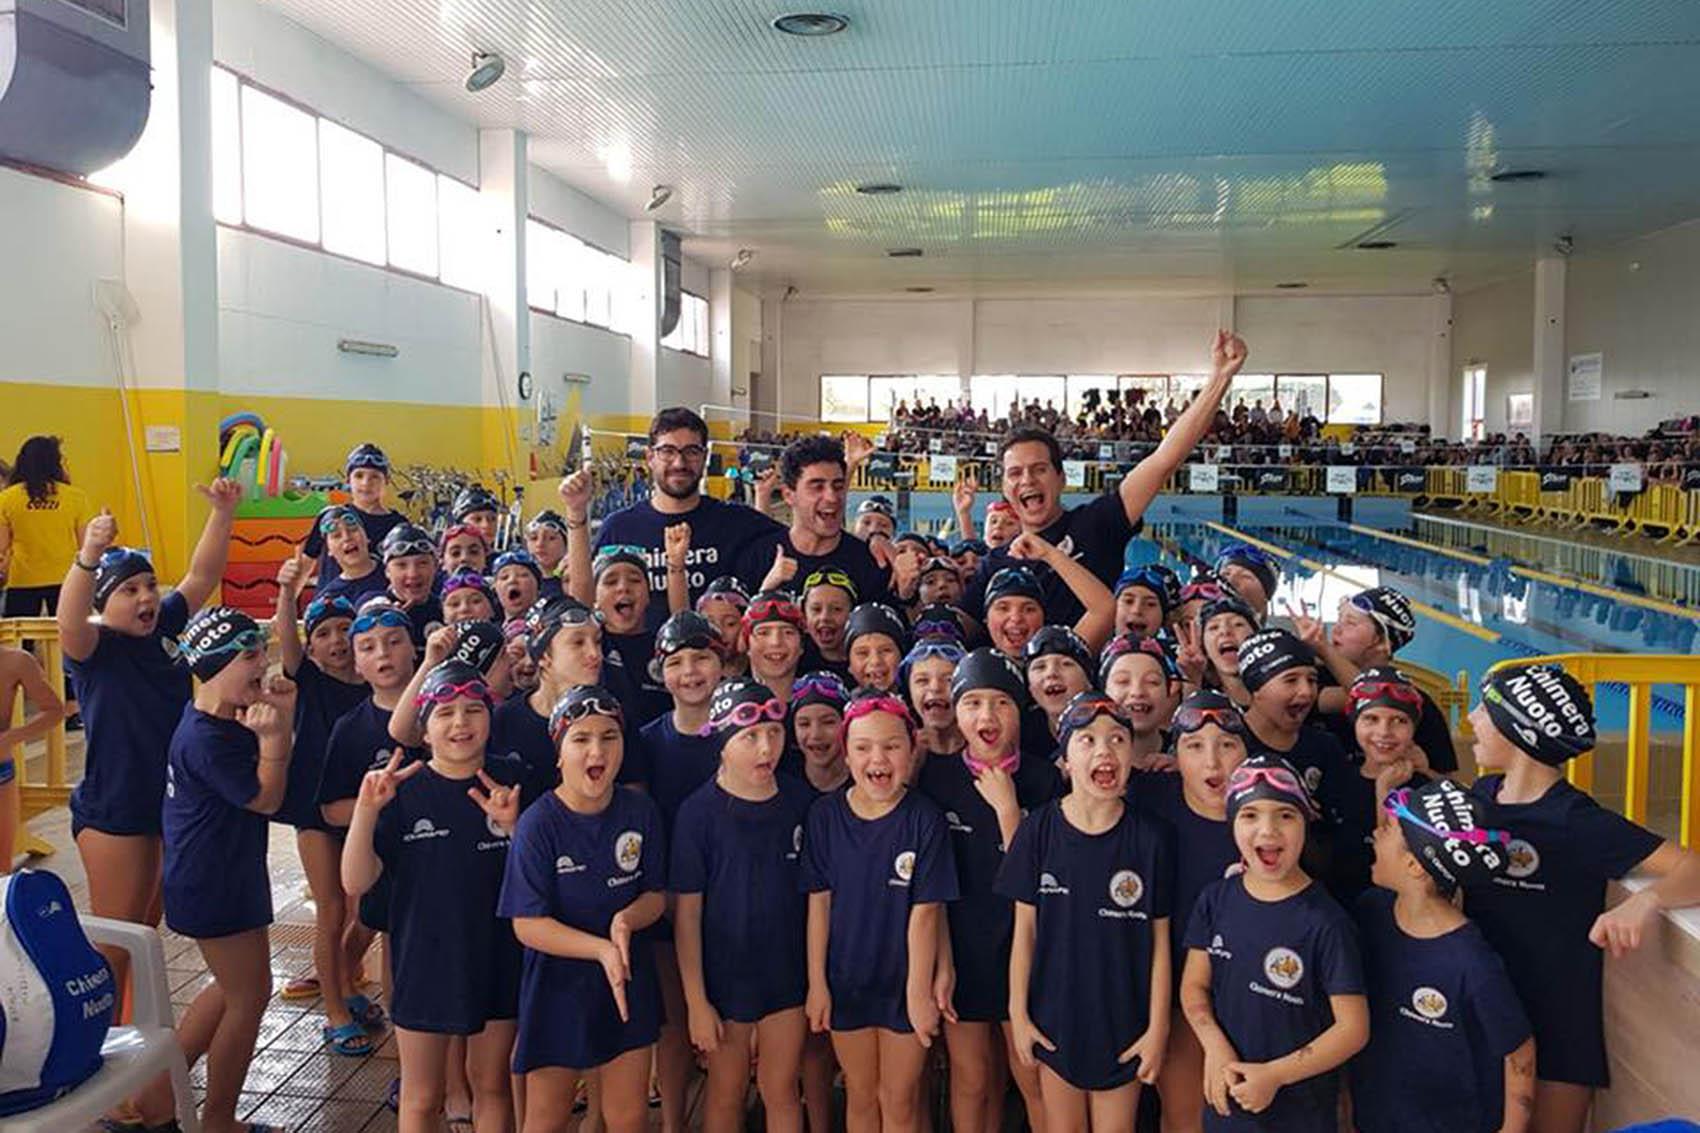 Vasca Da Nuoto : Trofeo di nuoto giovanile in vasca sport massarosa